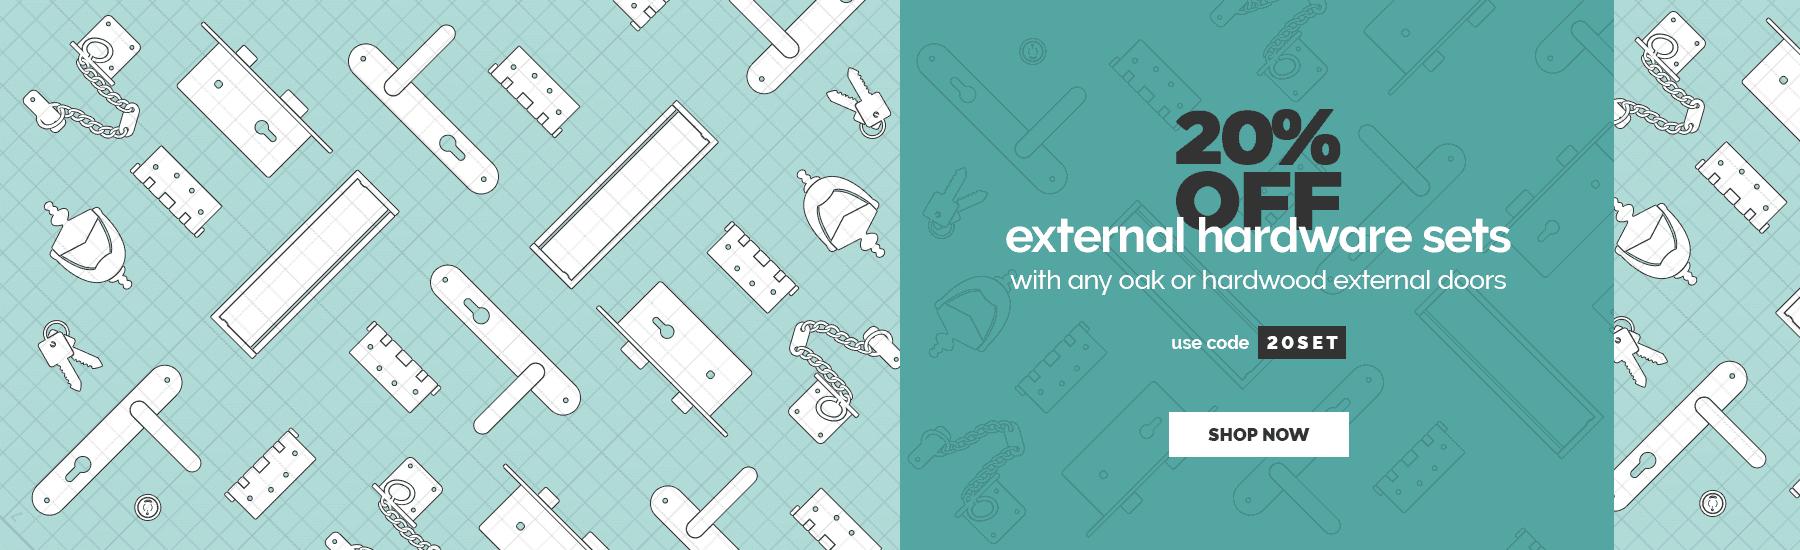 July - 20% off external hardware sets